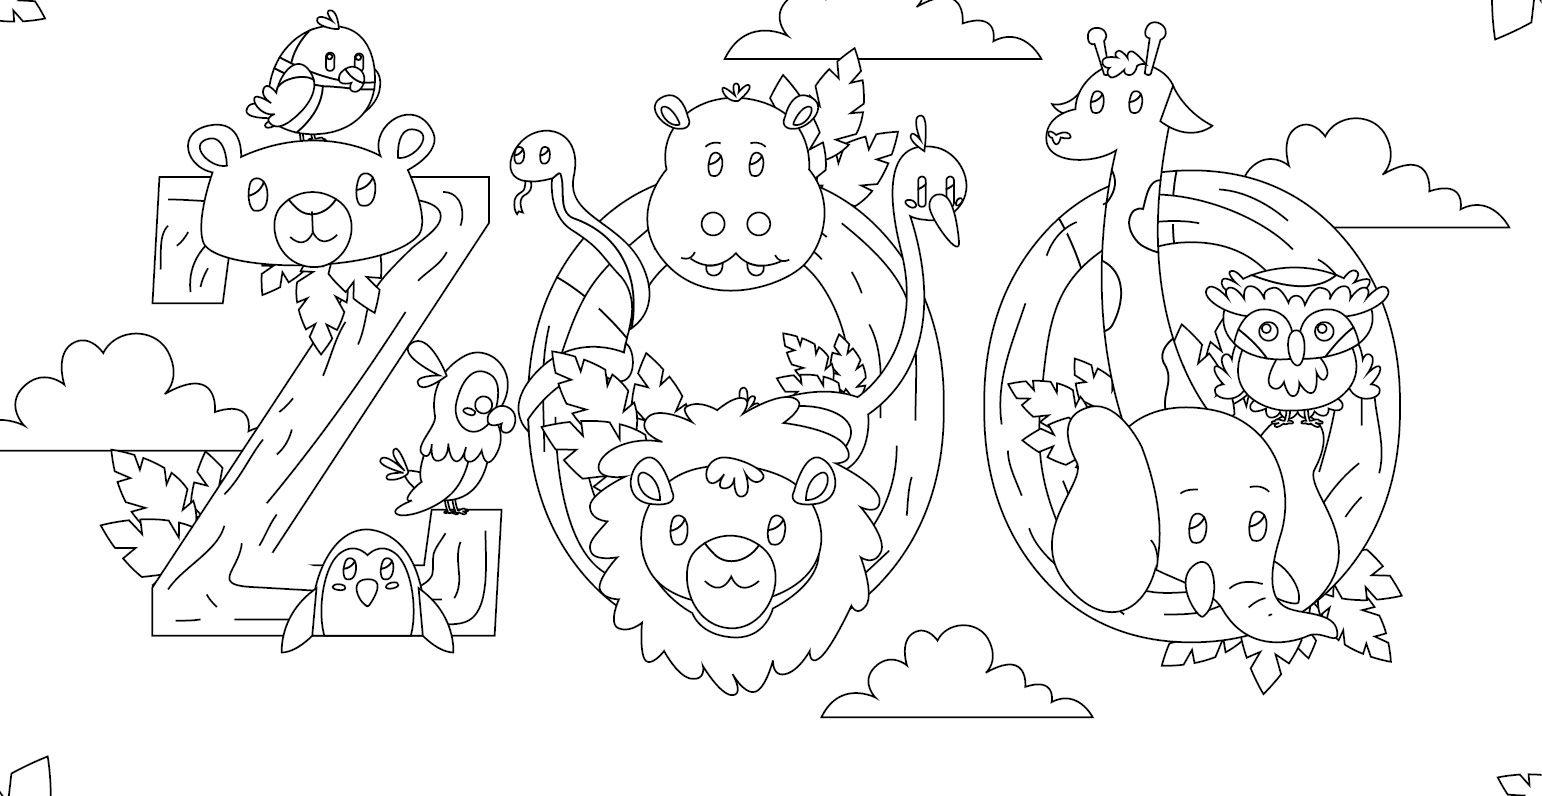 Coloriage Gratuit Visitons Les Animaux Au Zoo Coloring Pages